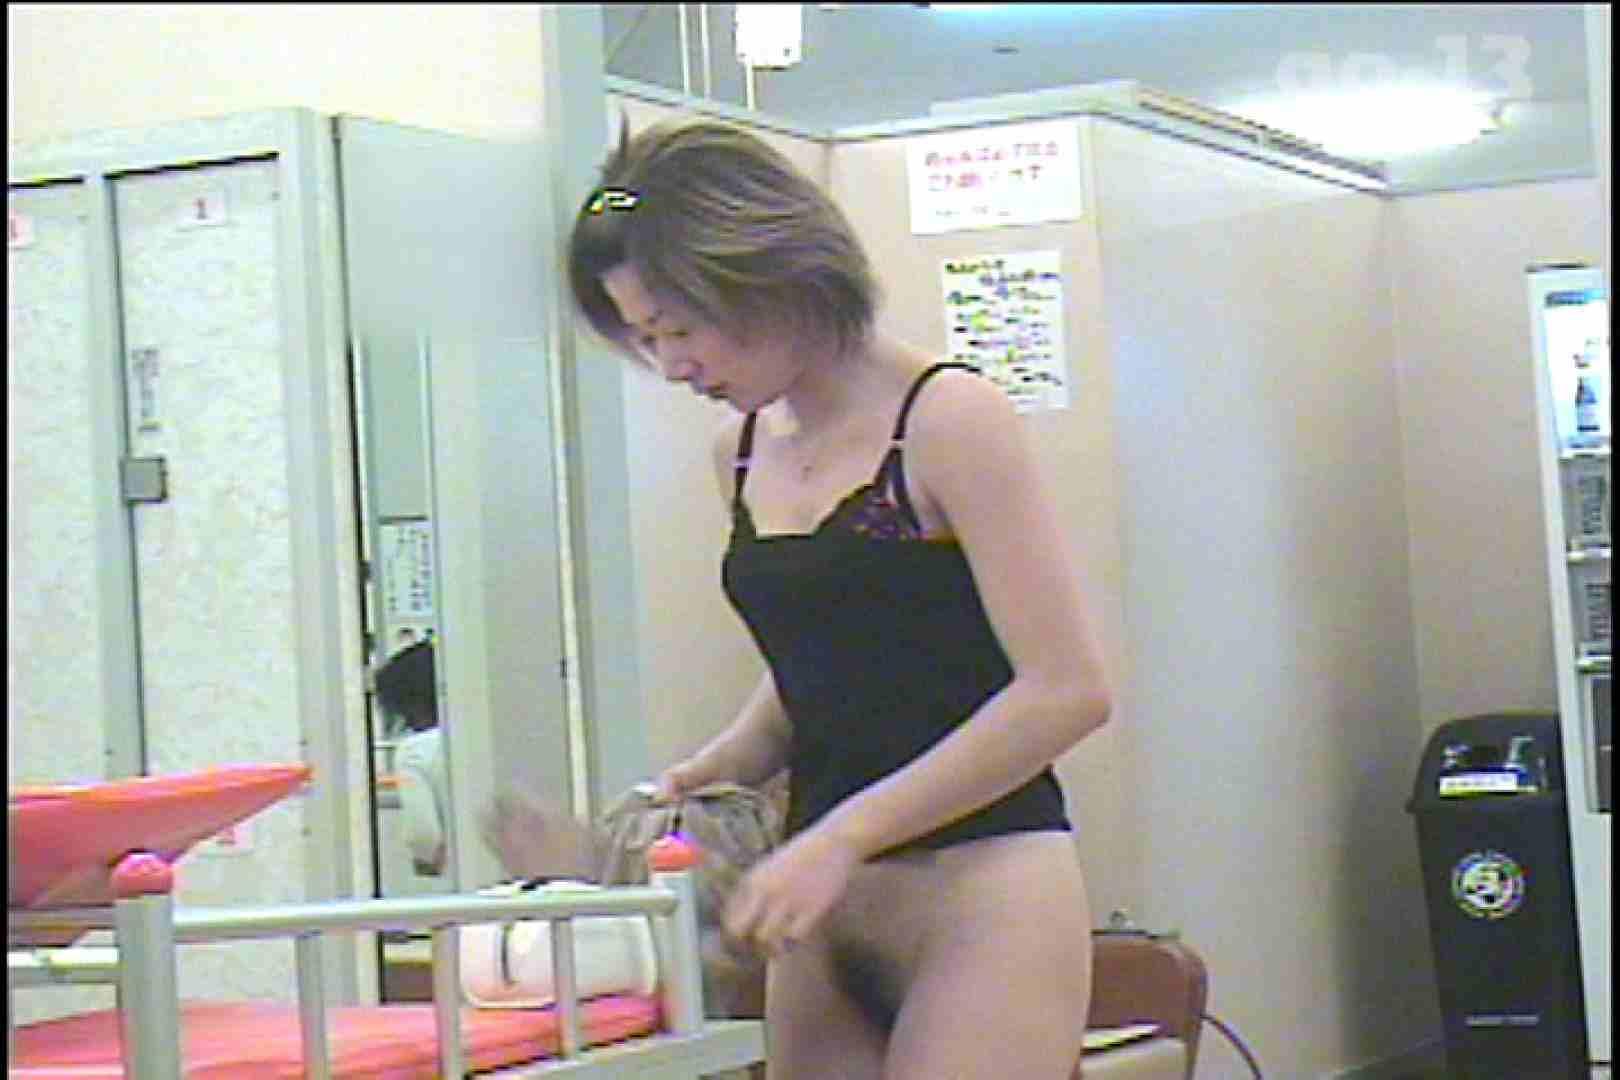 厳選潜入女風呂 No.13 女風呂着替え編 オマンコ動画キャプチャ 72連発 11